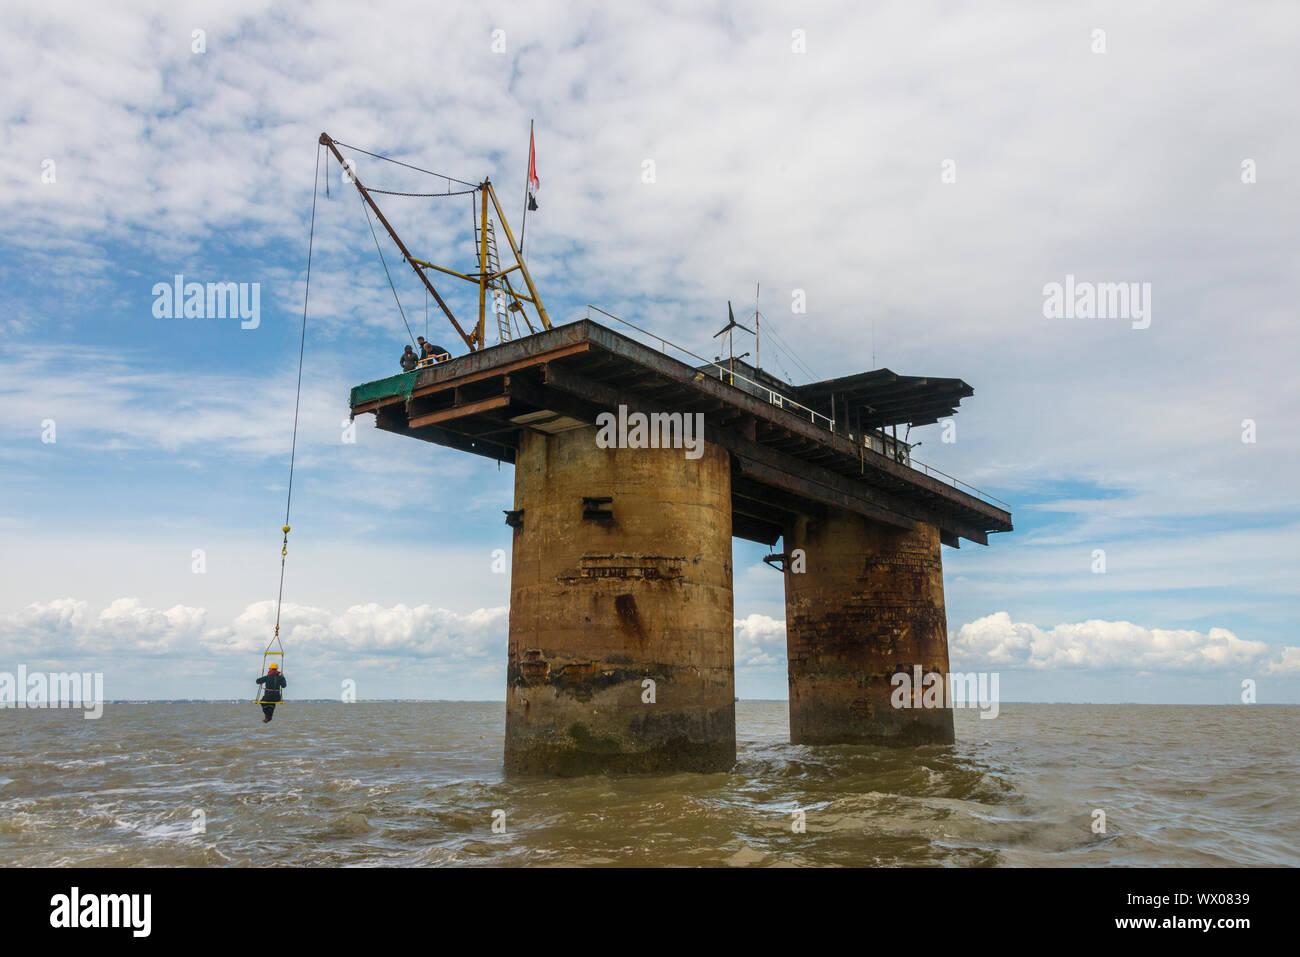 Vue de la tour, l'ex-Roughs de plate-forme de la défense, une mer Fort Maunsell, maintenant la Principauté de Sealand, Mer du Nord, de l'Europe Banque D'Images